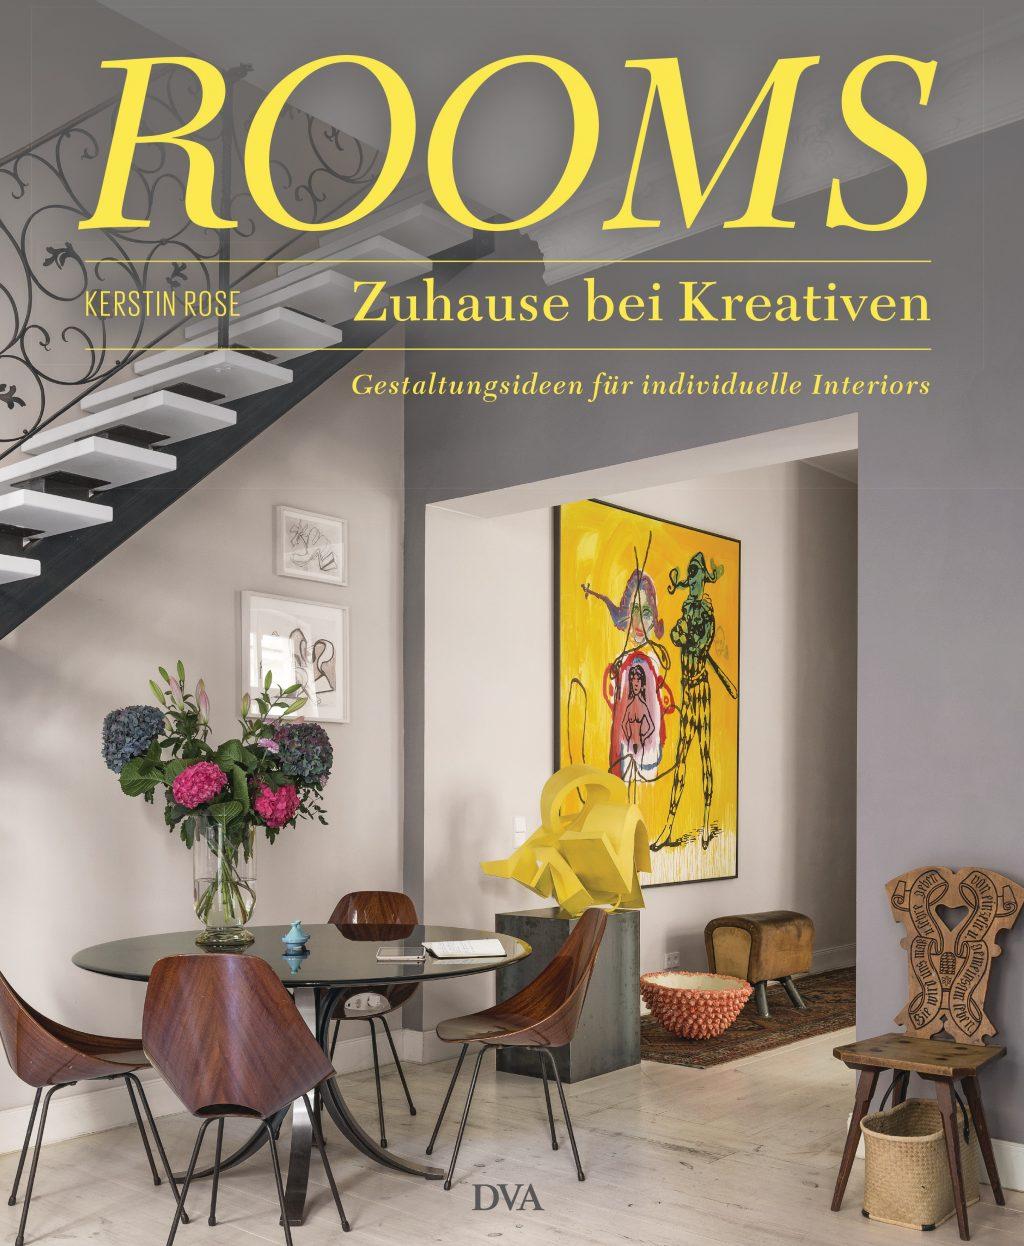 »Rooms« von Kerstin Rose und Christian Schaulin, DVA 2016.